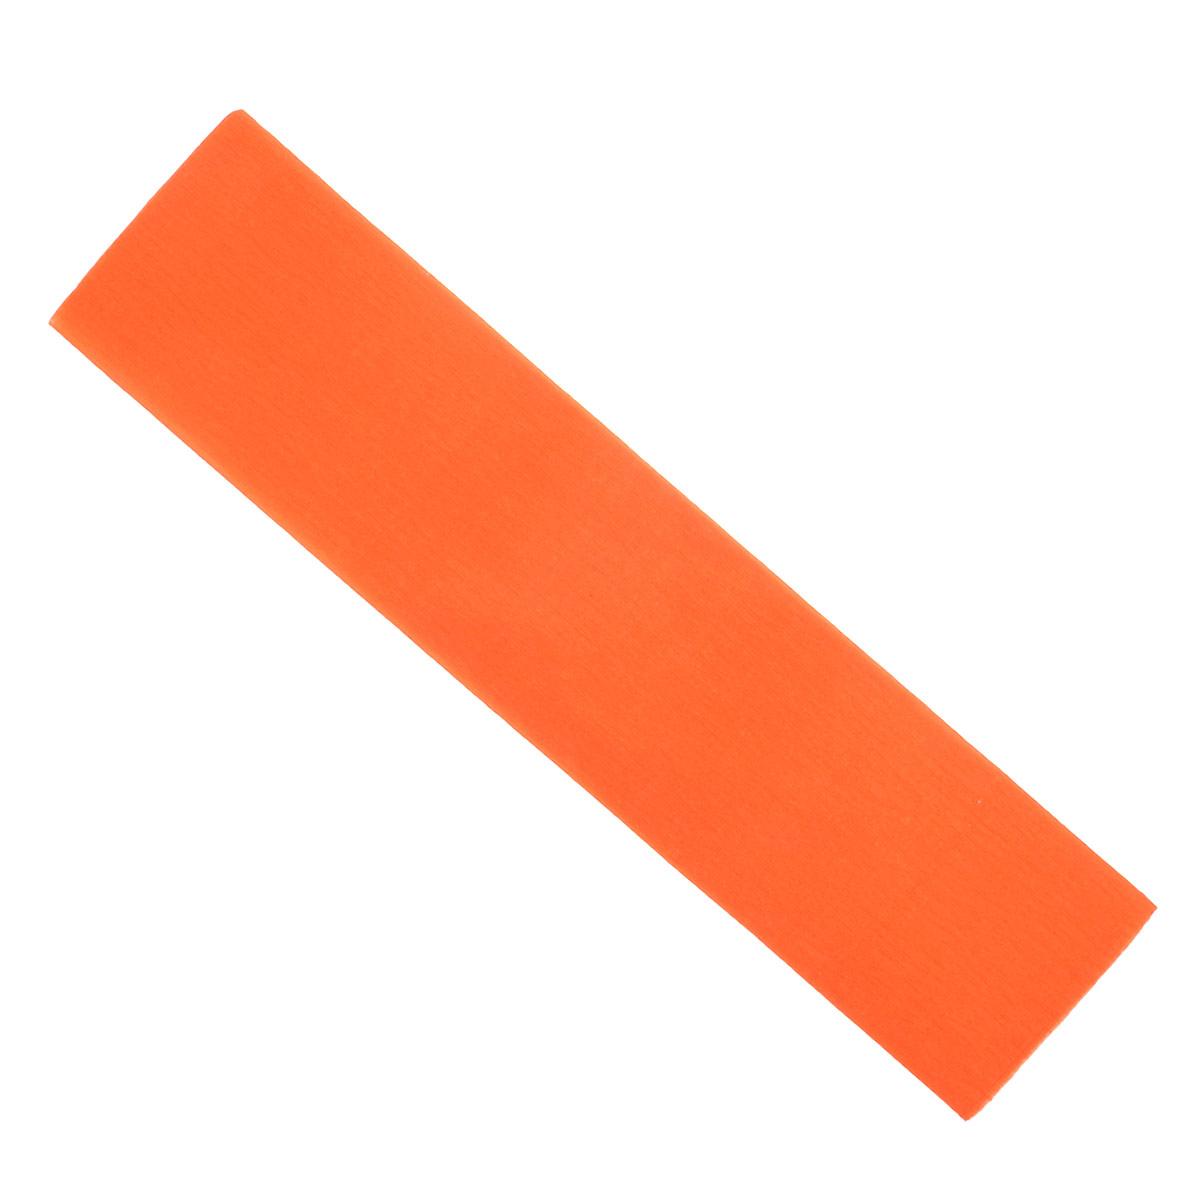 Крепированная бумага Hatber, флюоресцентная, цвет: оранжевый, 5 см х 25 см sadipal бумаги флюоресцентная 5 цветов 5 листов 15429